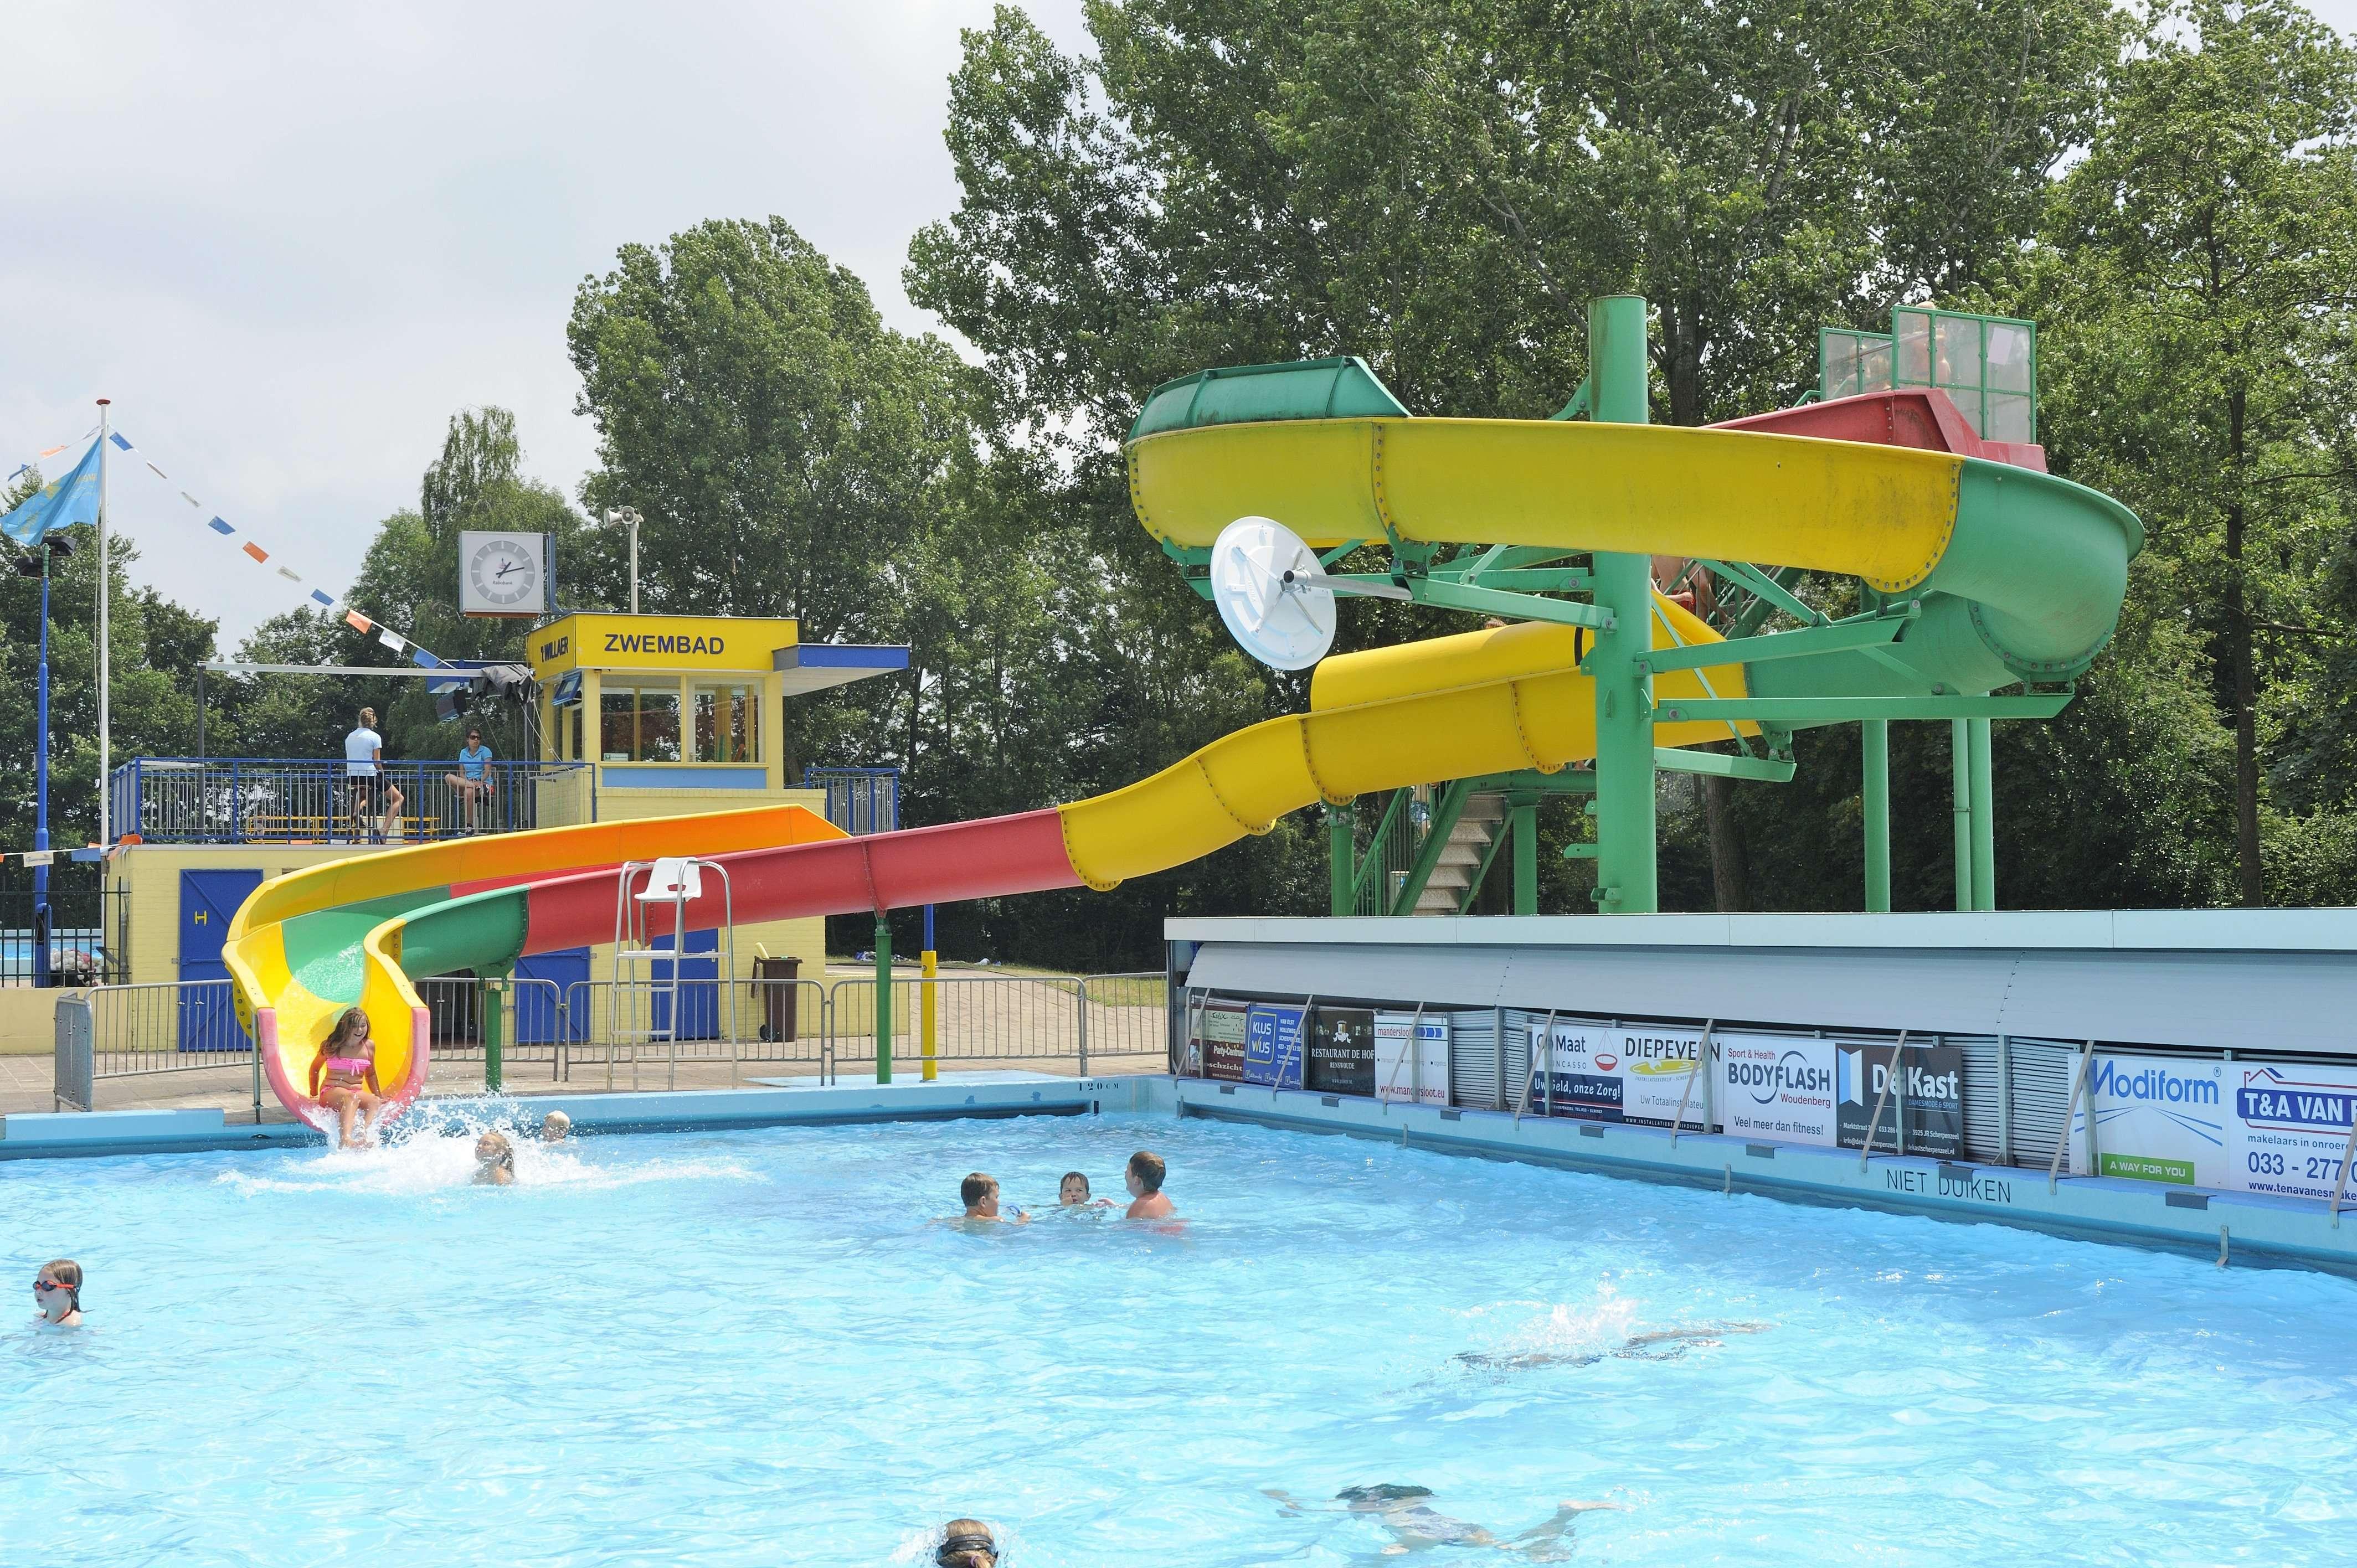 Zwembad 39 t willaer scherpenzeel openluchtzwembad for Foto in het bad